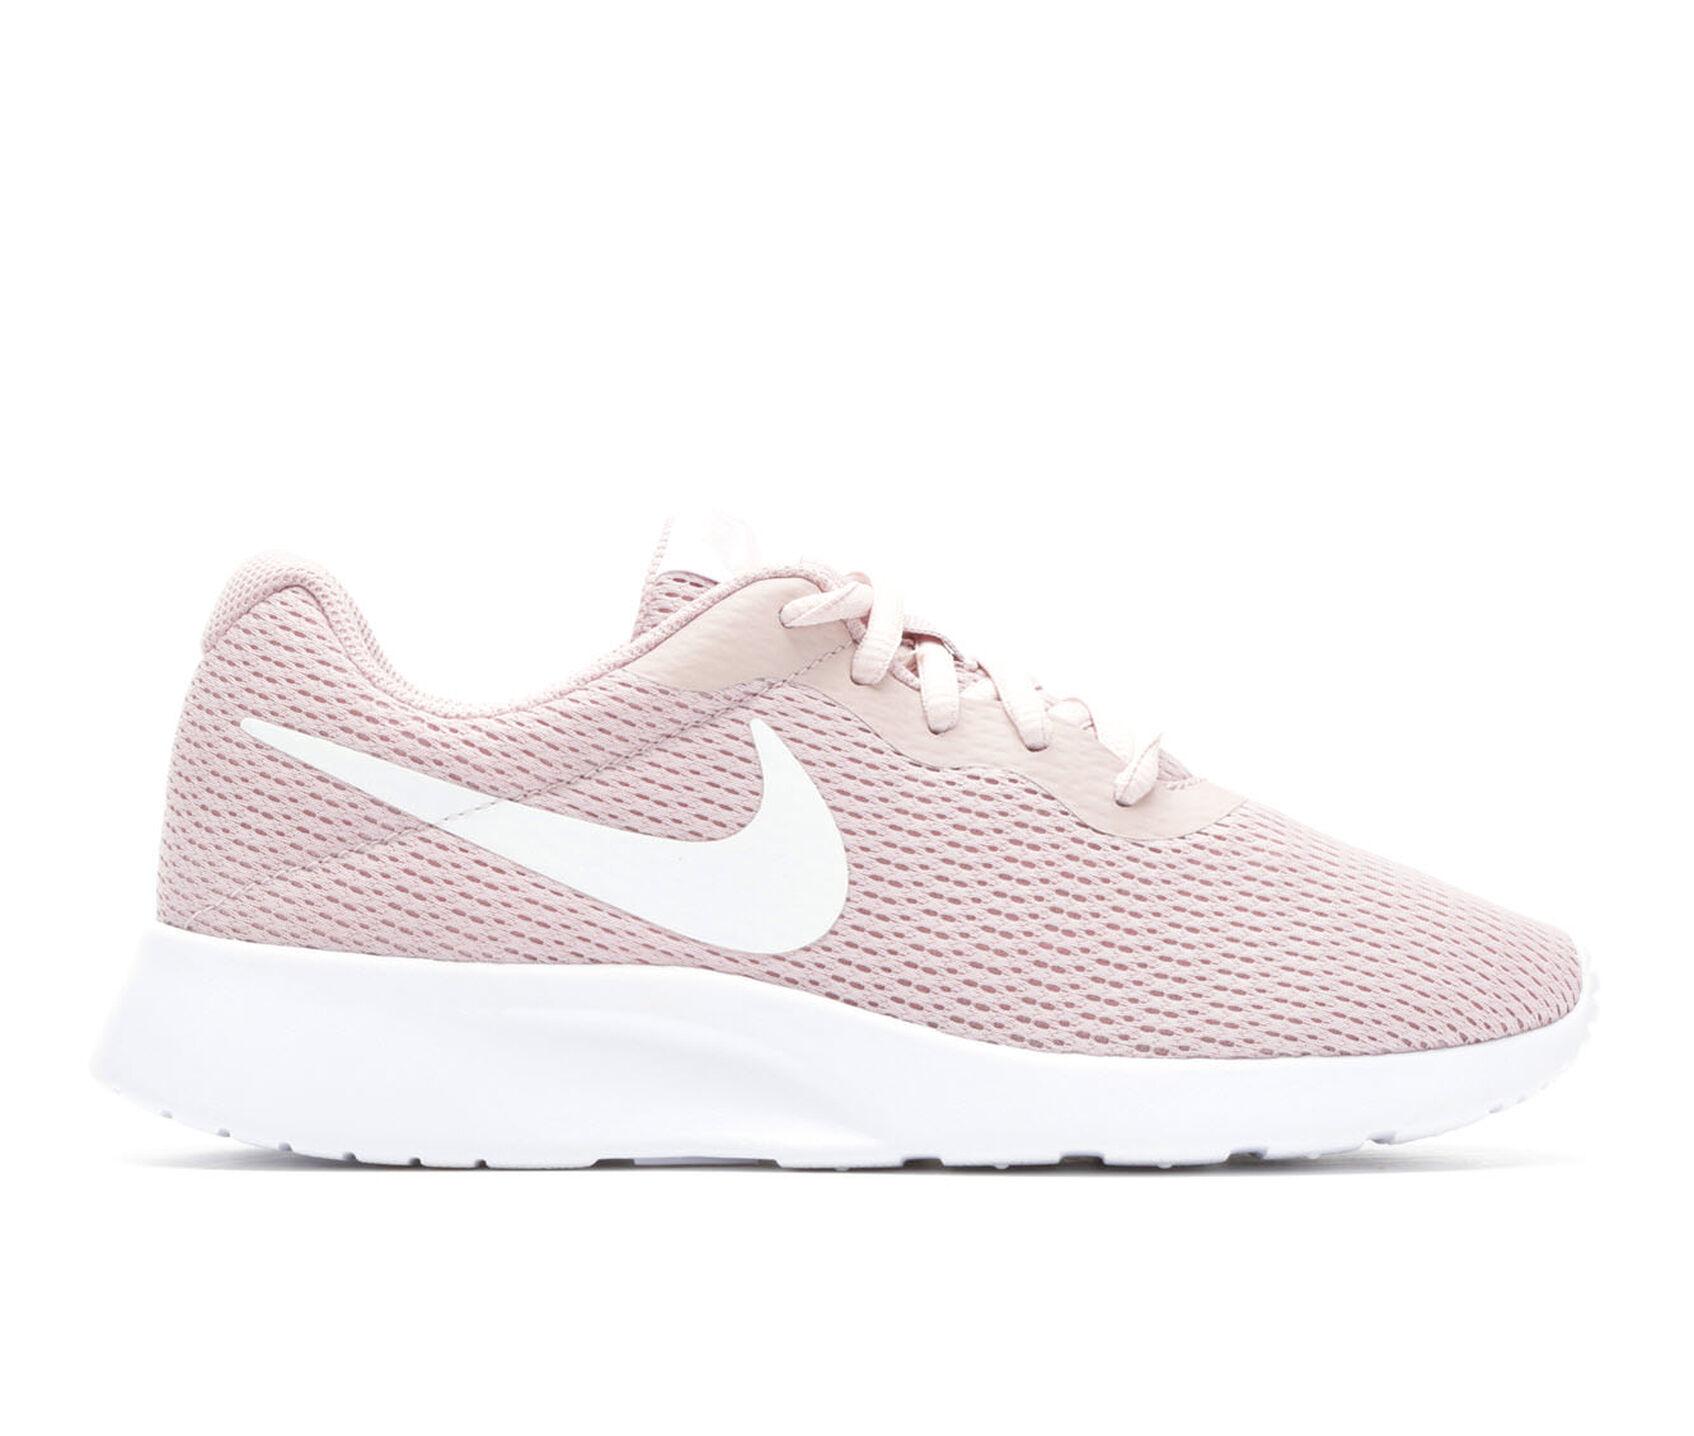 a35ad7fbf84 Women s Nike Tanjun Sneakers